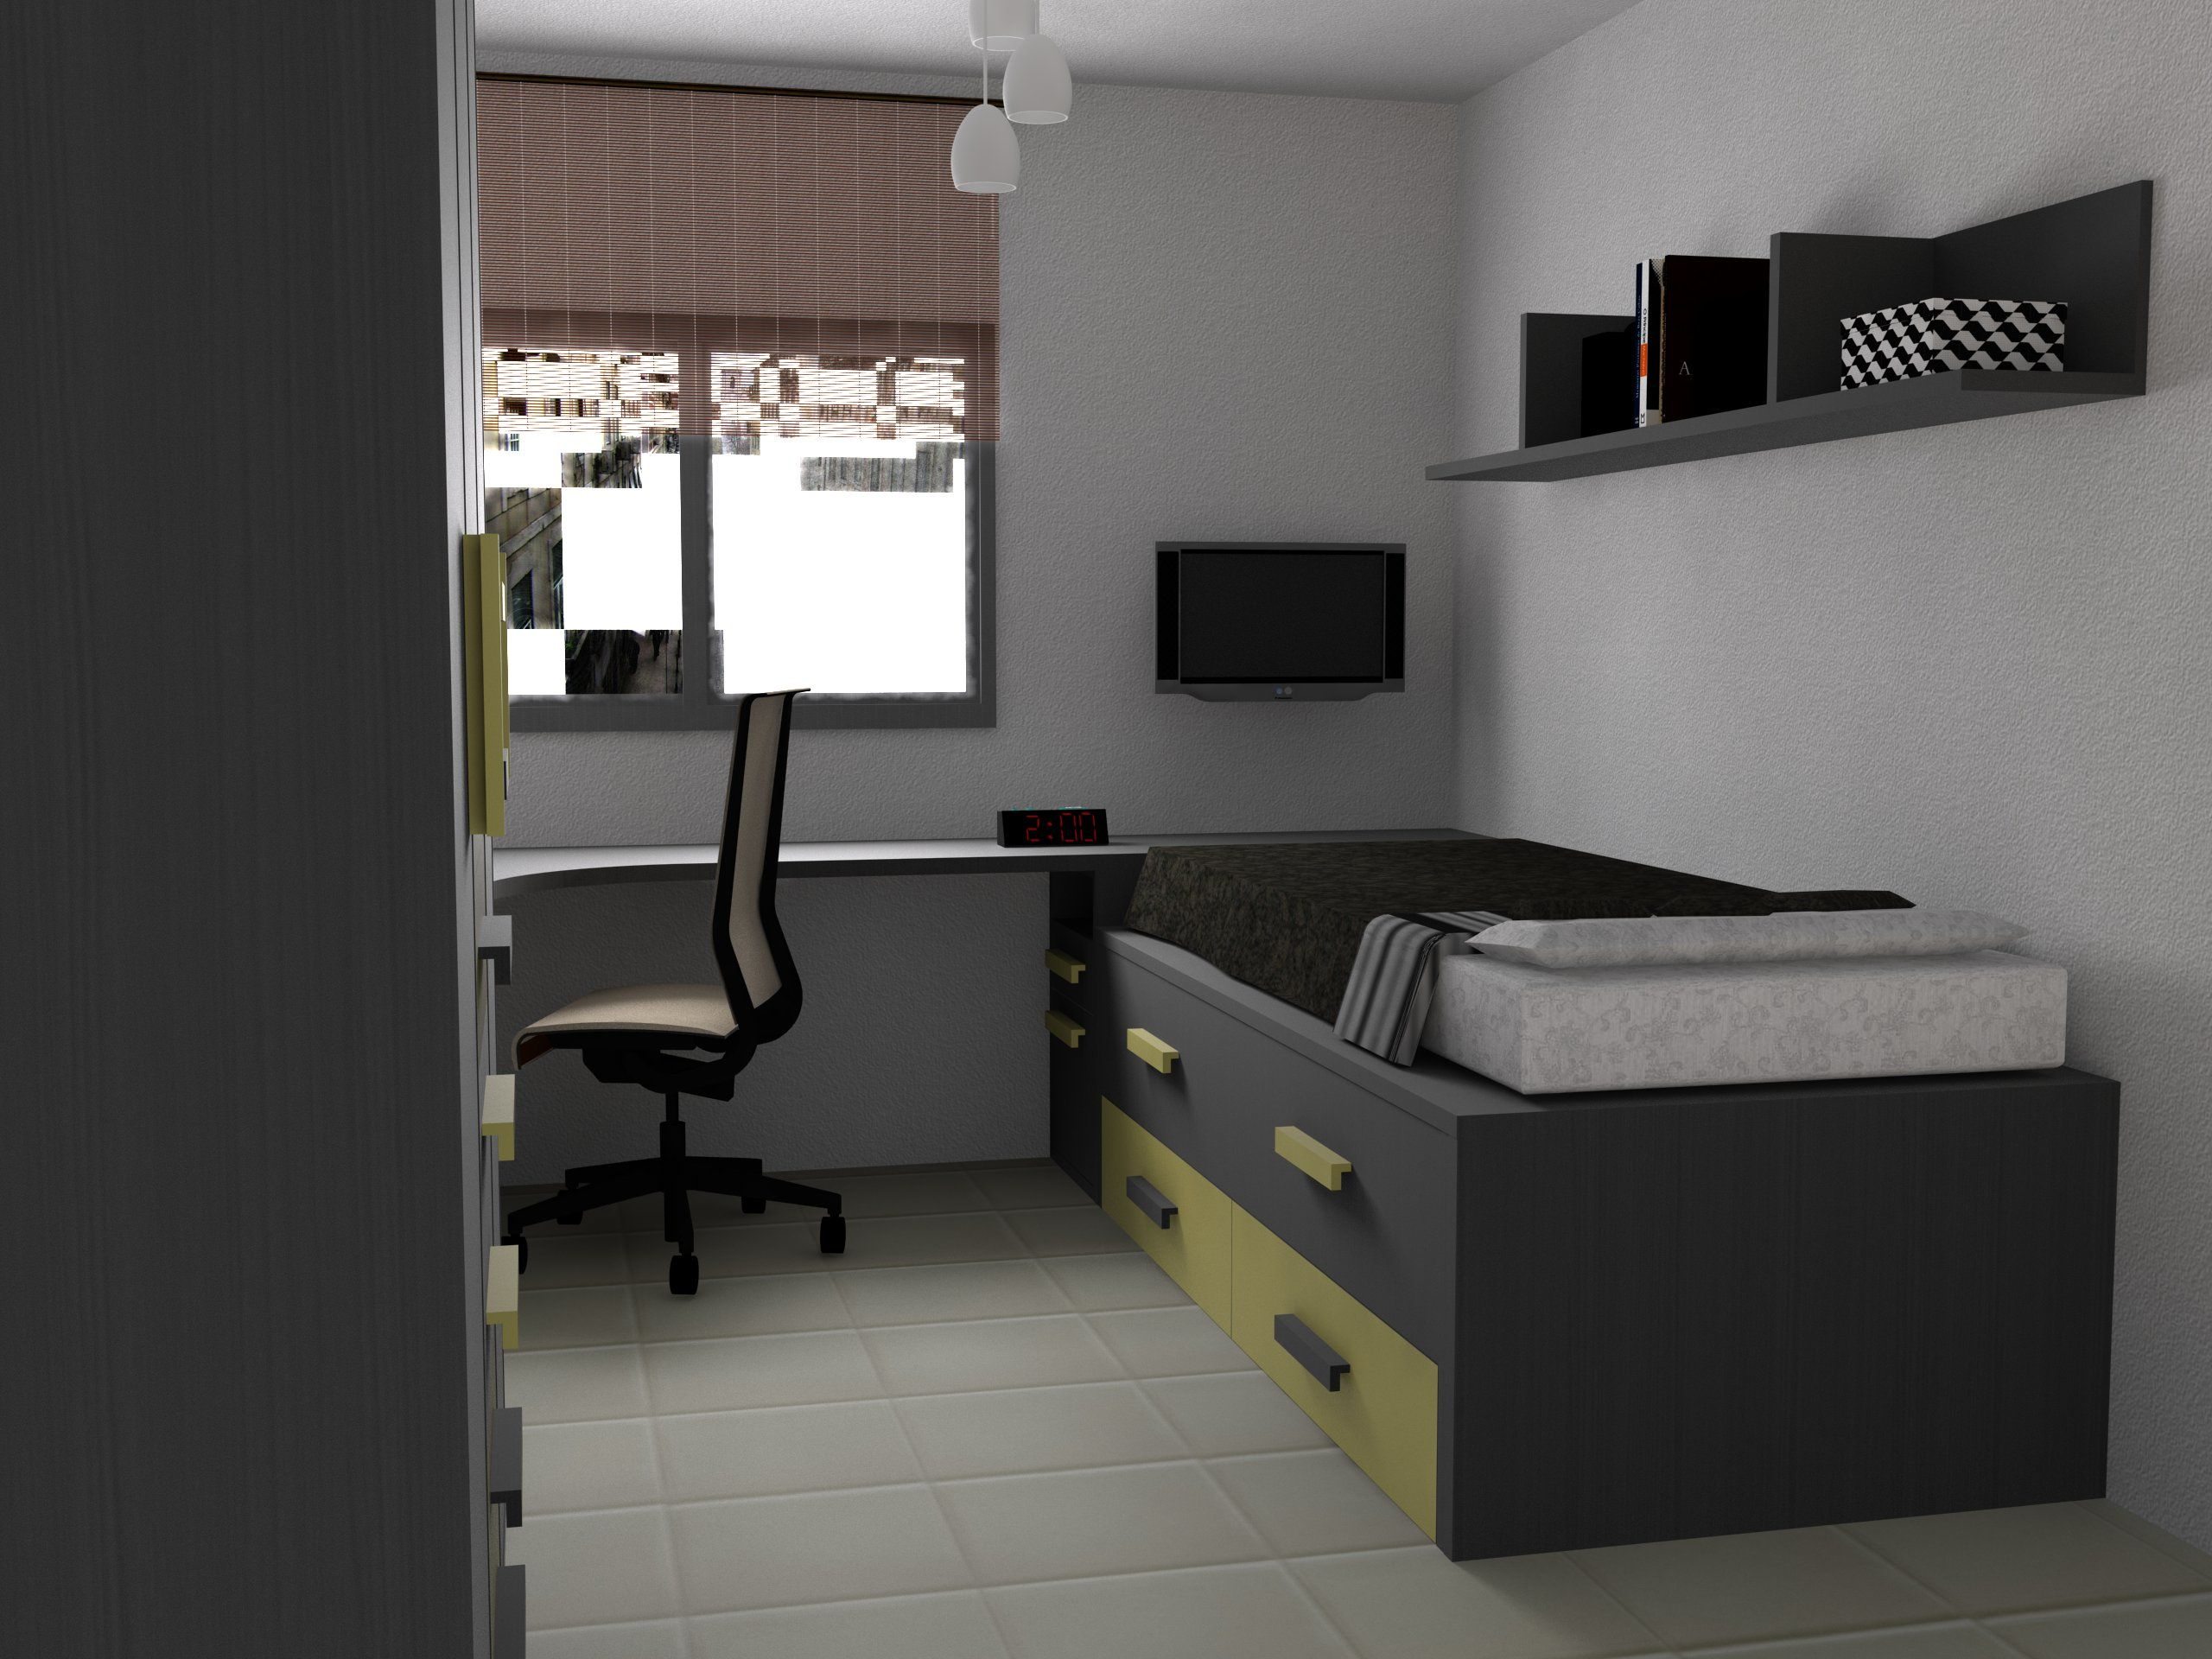 Dise o 3d para unos clientes de una habitaci n juvenil - Diseno habitaciones juveniles ...